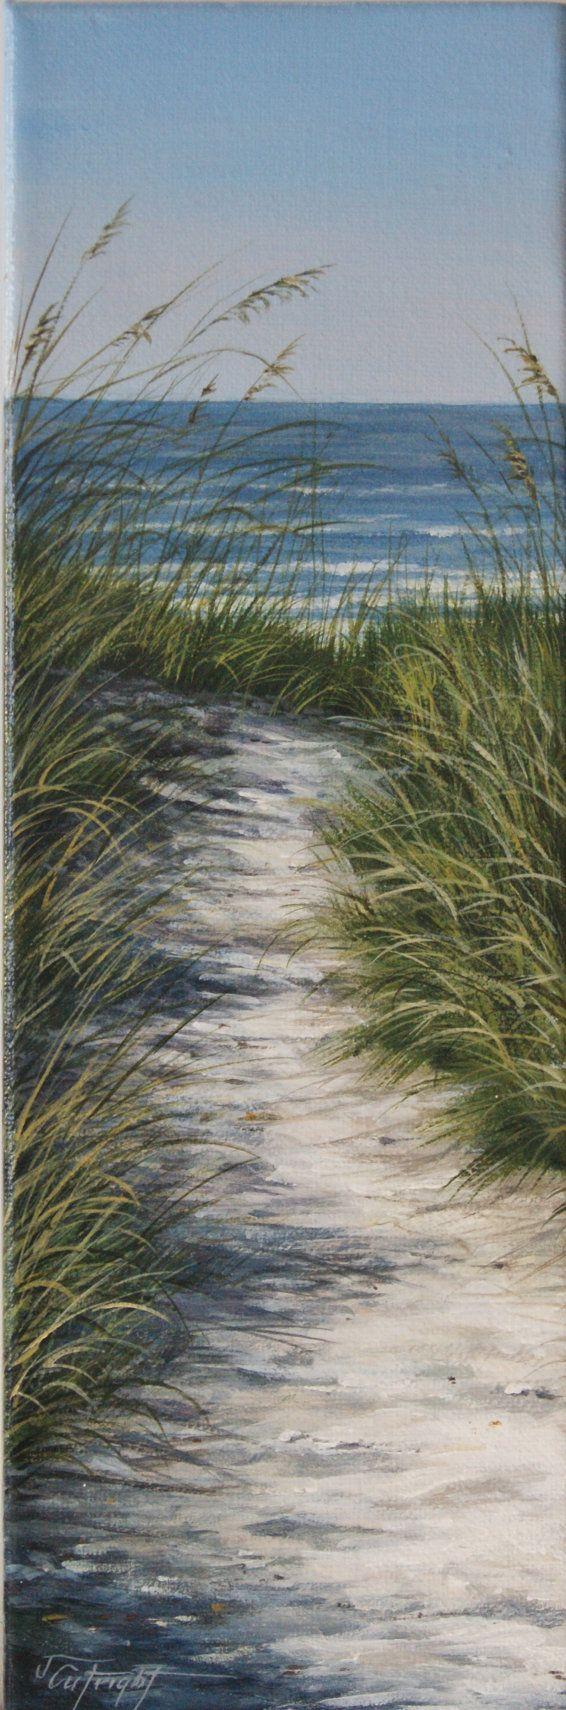 Original Acrylbild auf ein 4 x 12 breite Leinwand. Mit dem Titel Weg zum Strand. Inspiriert von den Erinnerungen an die Spaziergänge zum Strand und die Ruhe, die aus dem Klang der Wellen des Ozeans folgt. Eine perfekten Akzentstück für die kleineren, schmale Wand Räume. Als professioneller Künstler nehme ich sehr stolz auf jedes einzelnen meiner Kunstwerke zu schaffen. Alle meine Stücke wird sind fertig zum Aufhängen und verpackt und versendet mit Sorgfalt. Ich würde mich freuen, Kombiver…